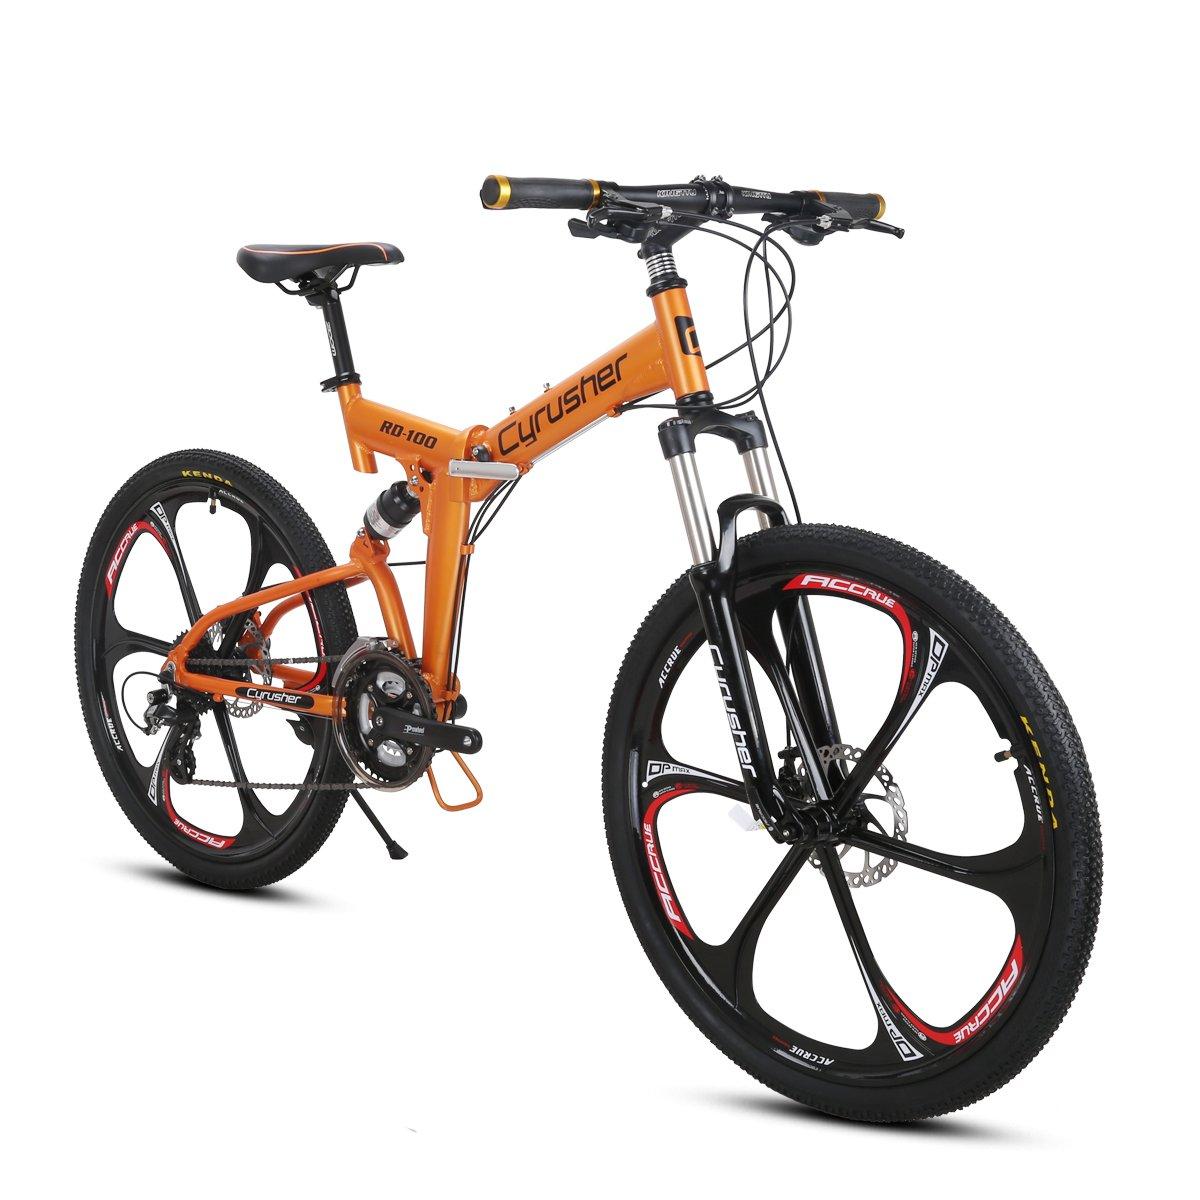 Excy RD100 26インチ マウンテンバイク MTB 折りたたみ 自転車 シマノ製24段変速 フルサスペンション B078SRYLM1オレンジ